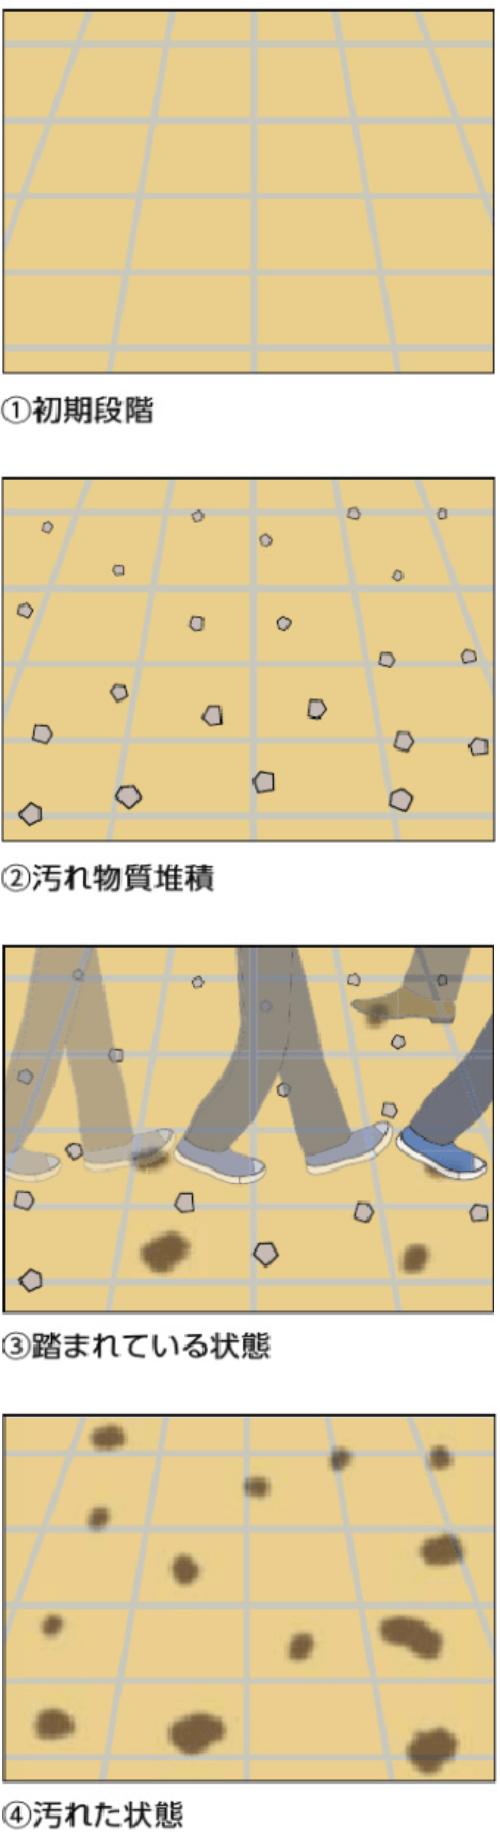 汚れの段階図